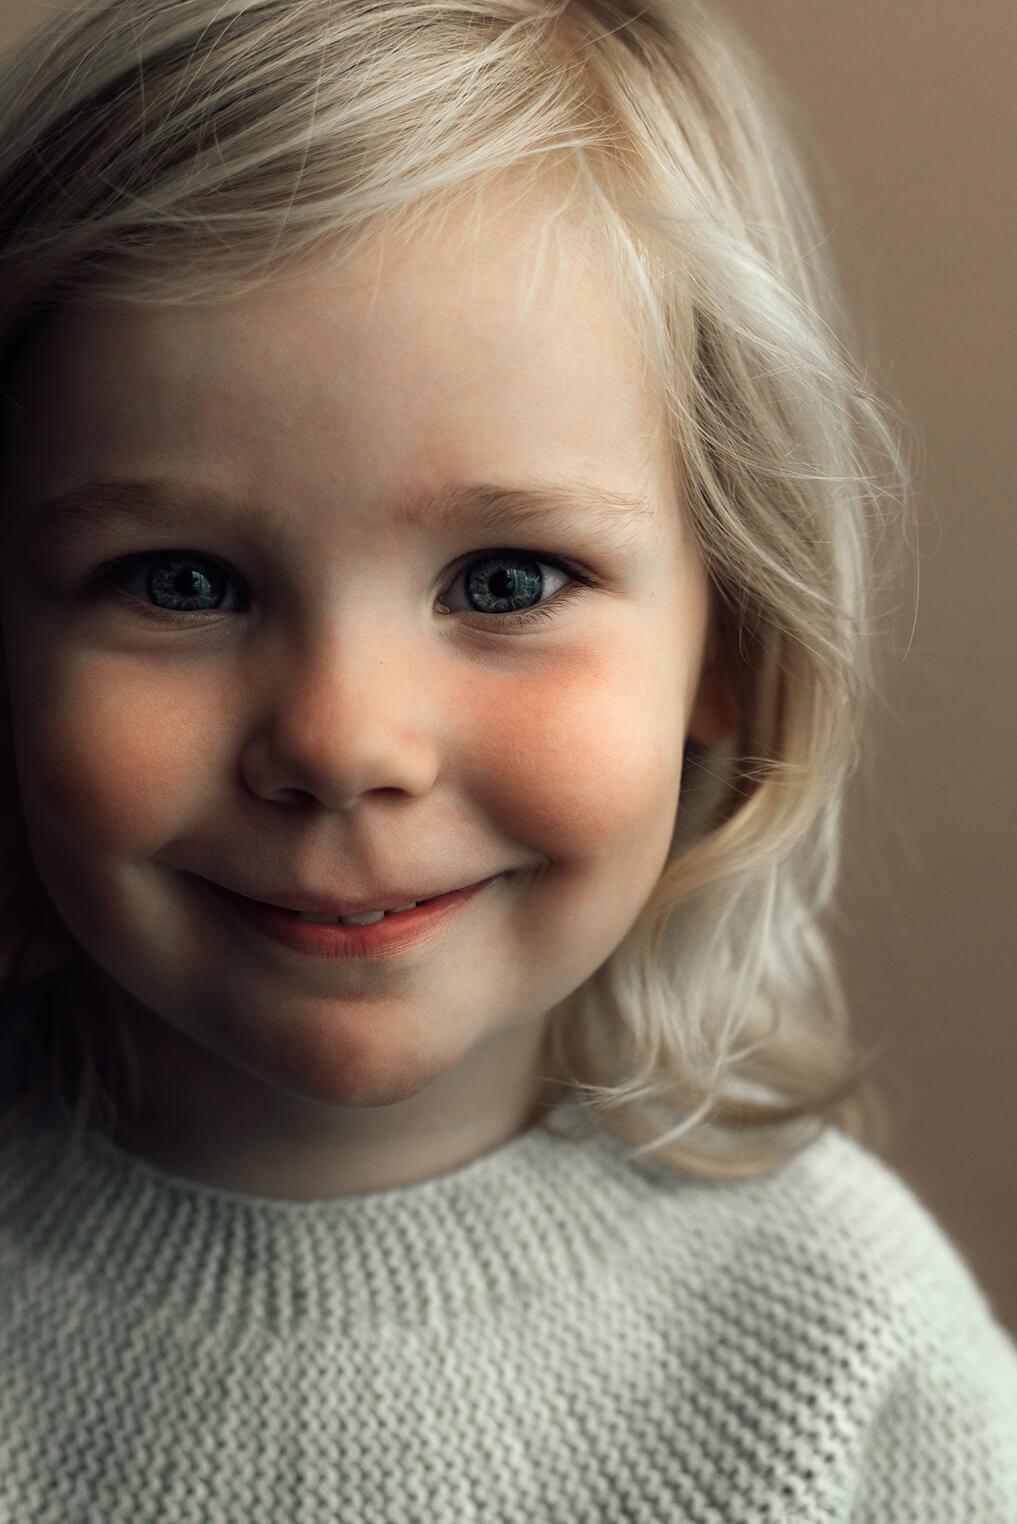 kinder_portret_wijchen_pippa_3